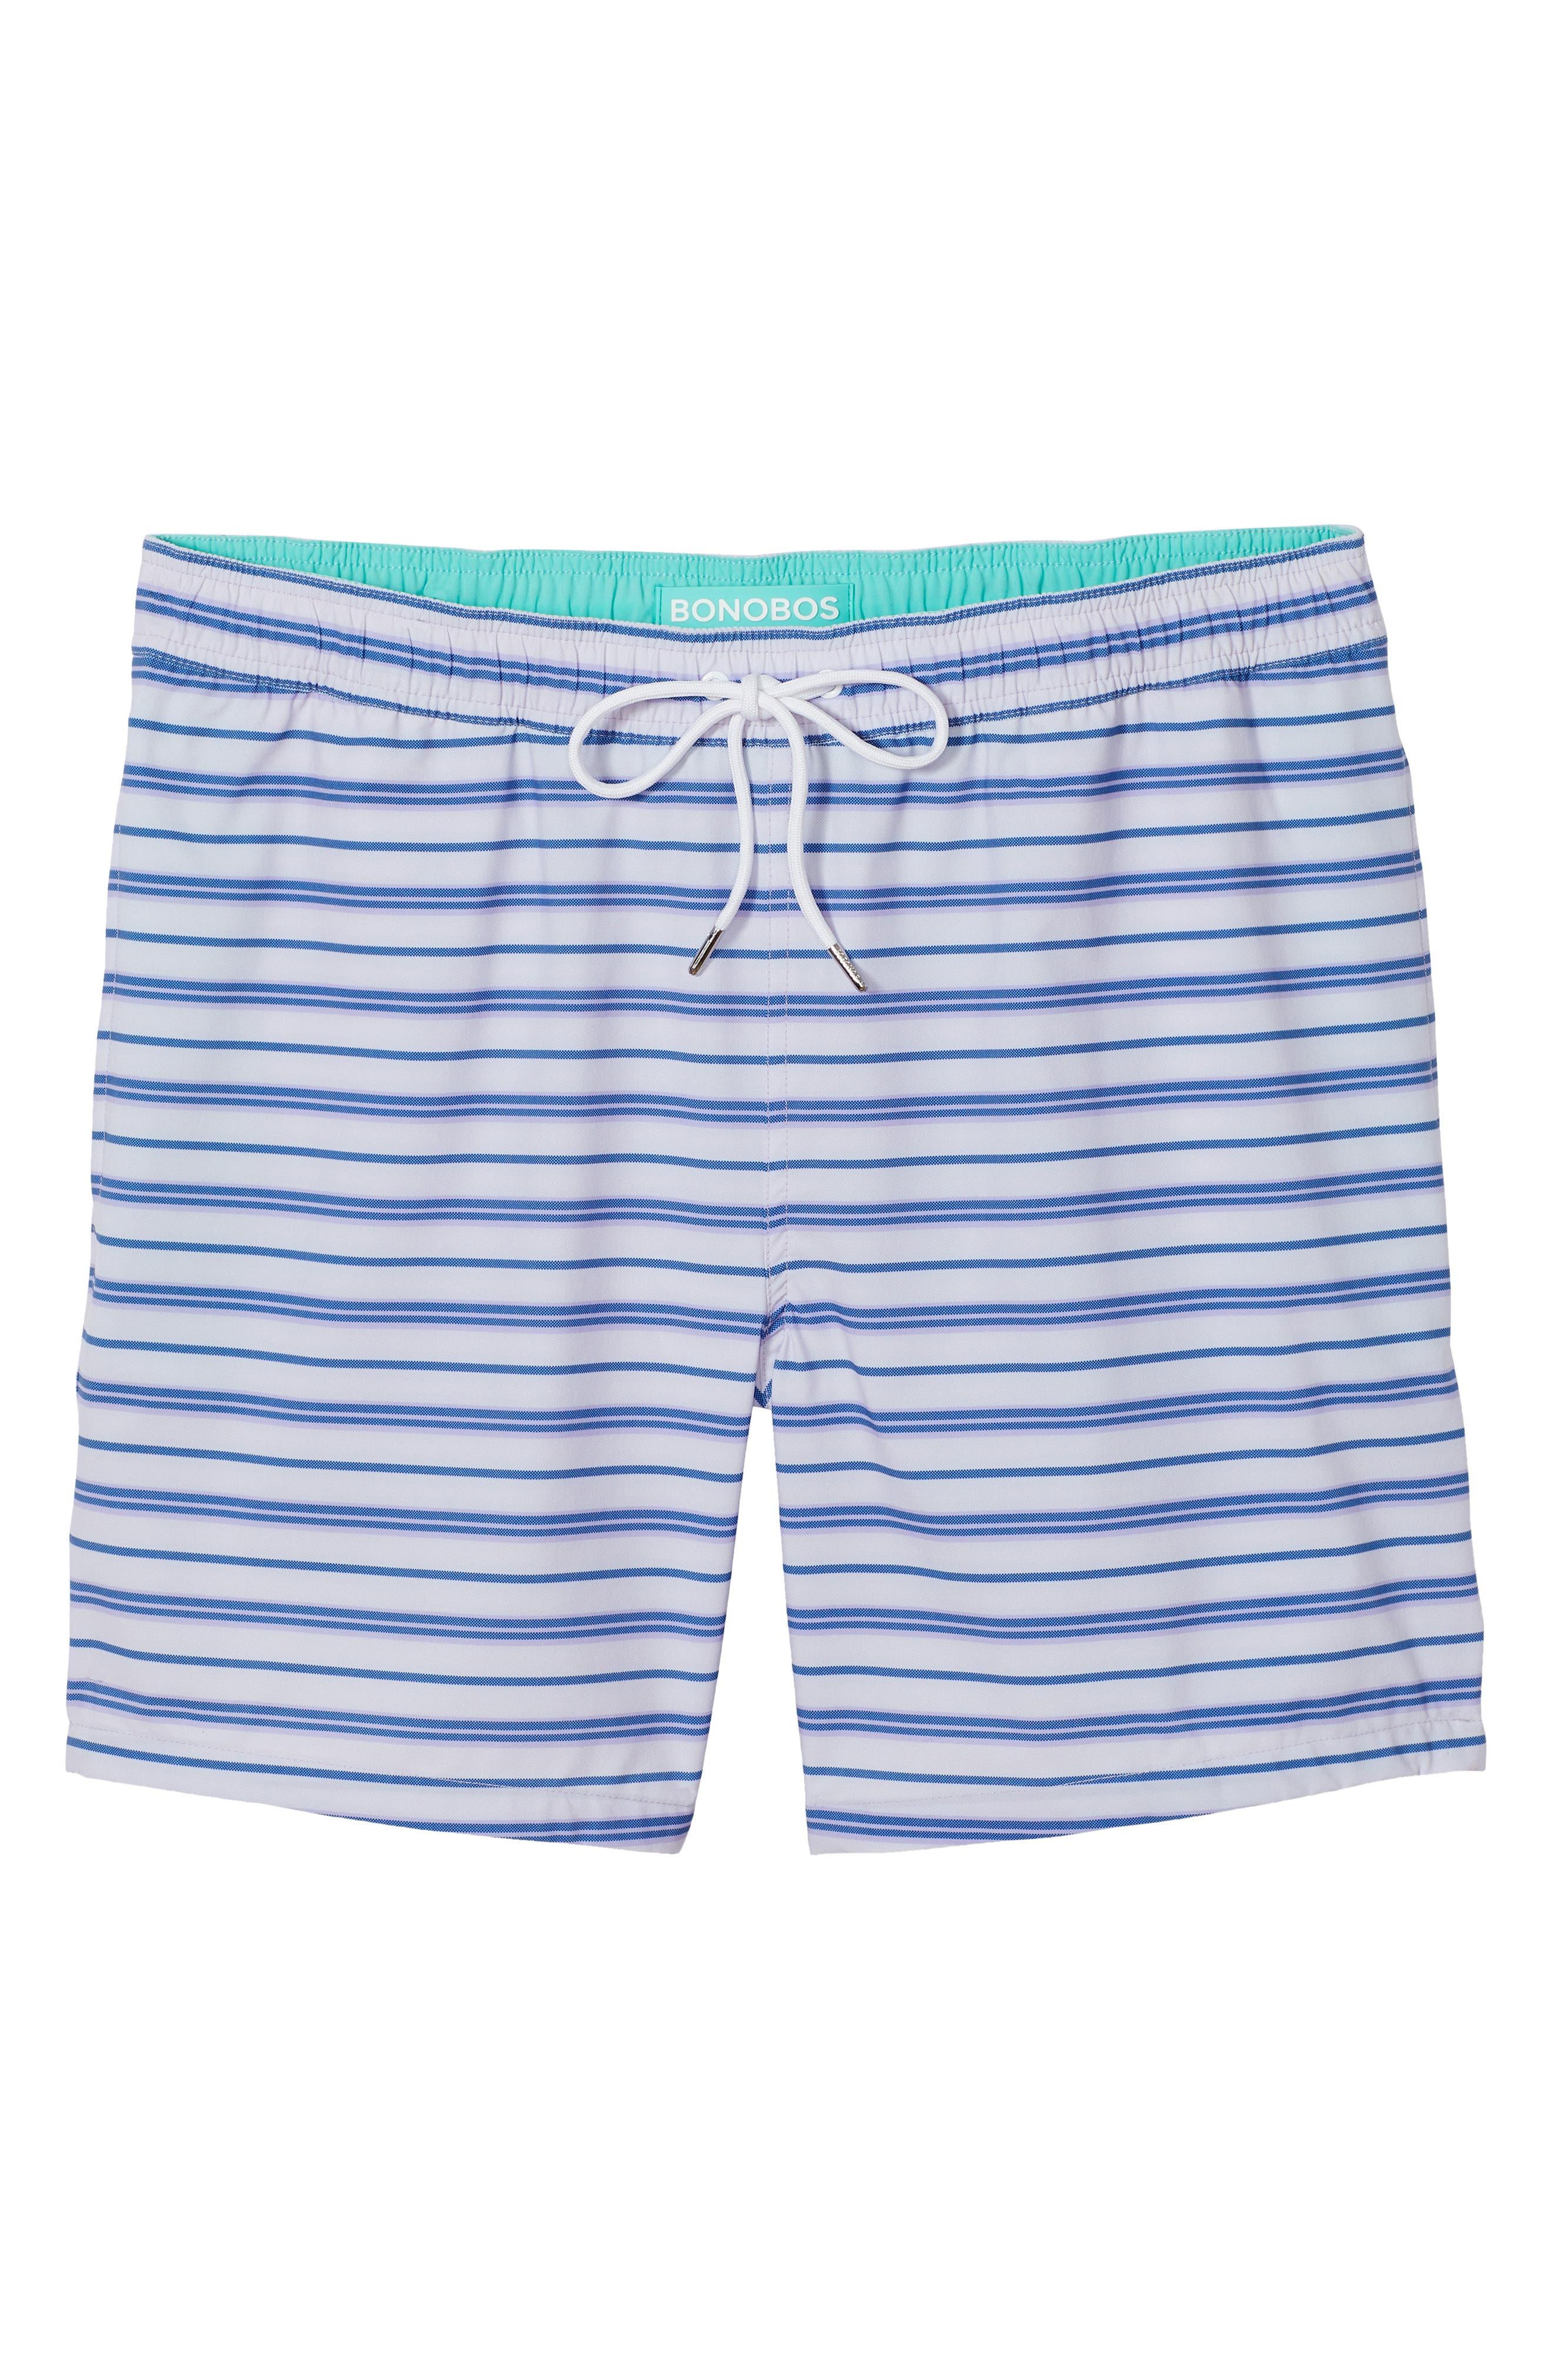 BONOBOS, Banzai 7-Inch Stripe E-Waist Swim Trunks, Alternate thumbnail 3, color, PURPLE STRIPE